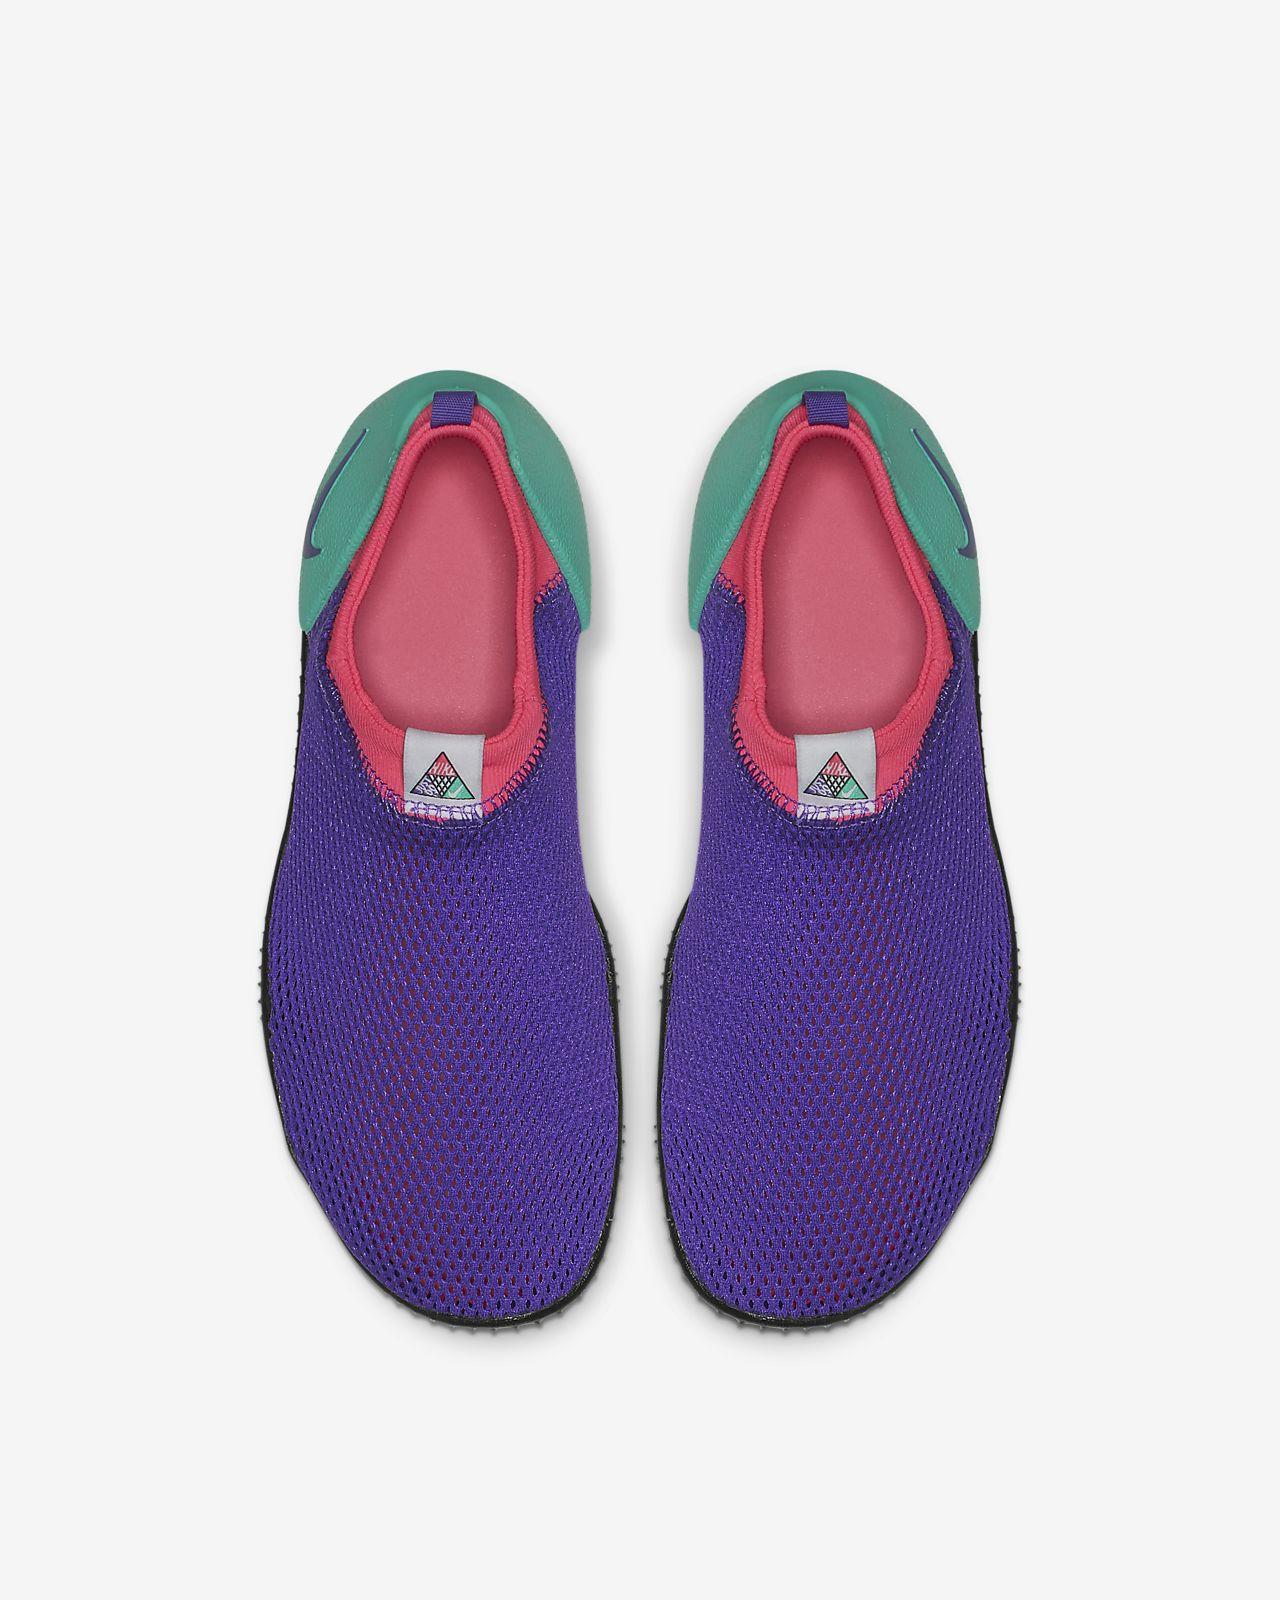 b7216193167 Nike Aqua Sock 360 Now Little Big Kids  Shoe. Nike.com